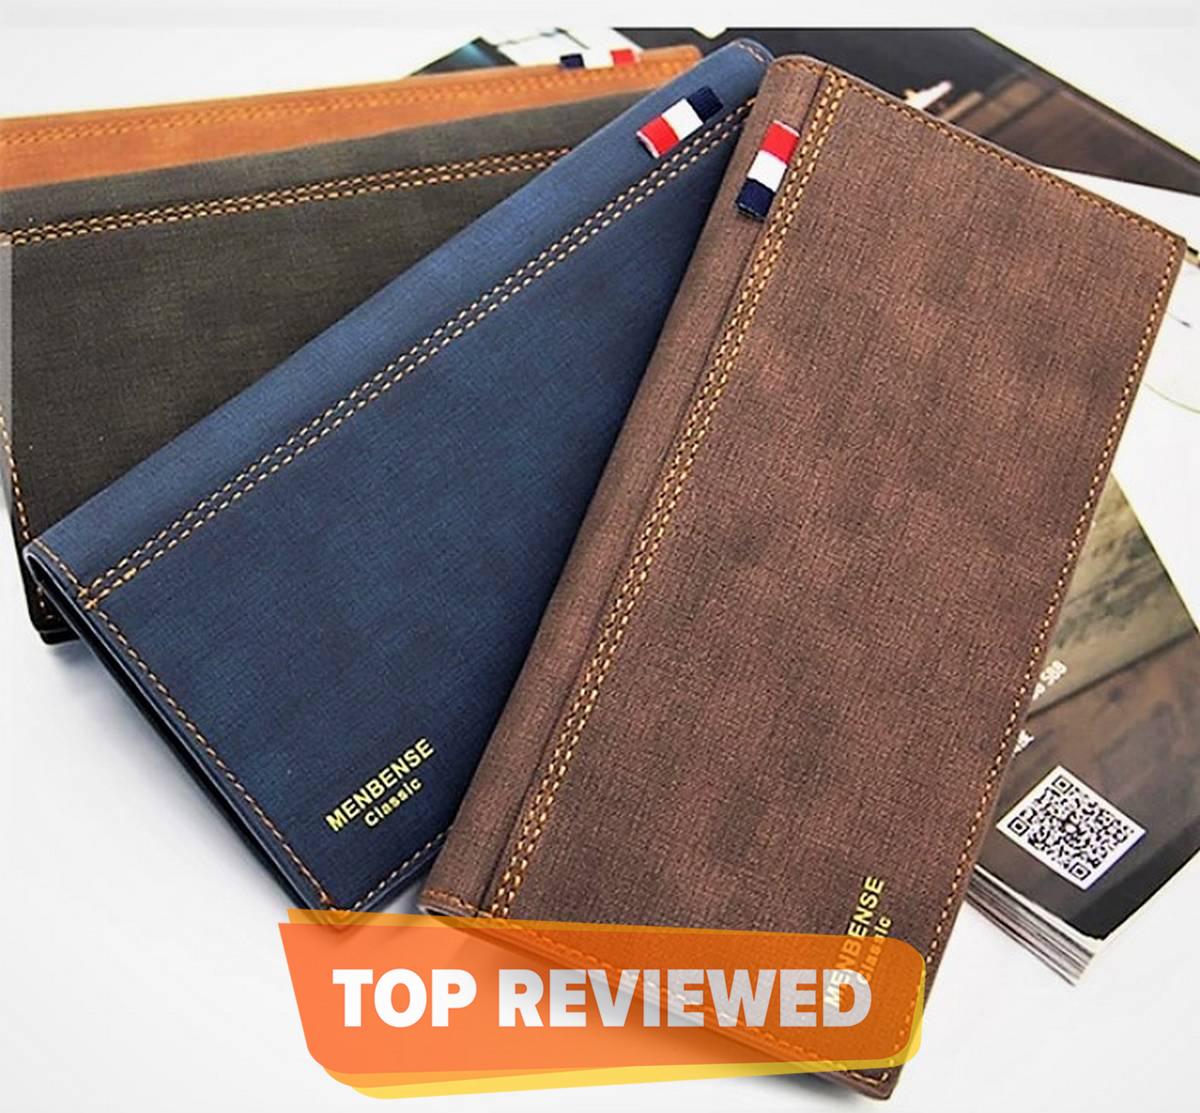 Leather Long Wallet For Men Slim Money Mobile Wallet Card Holder-Black